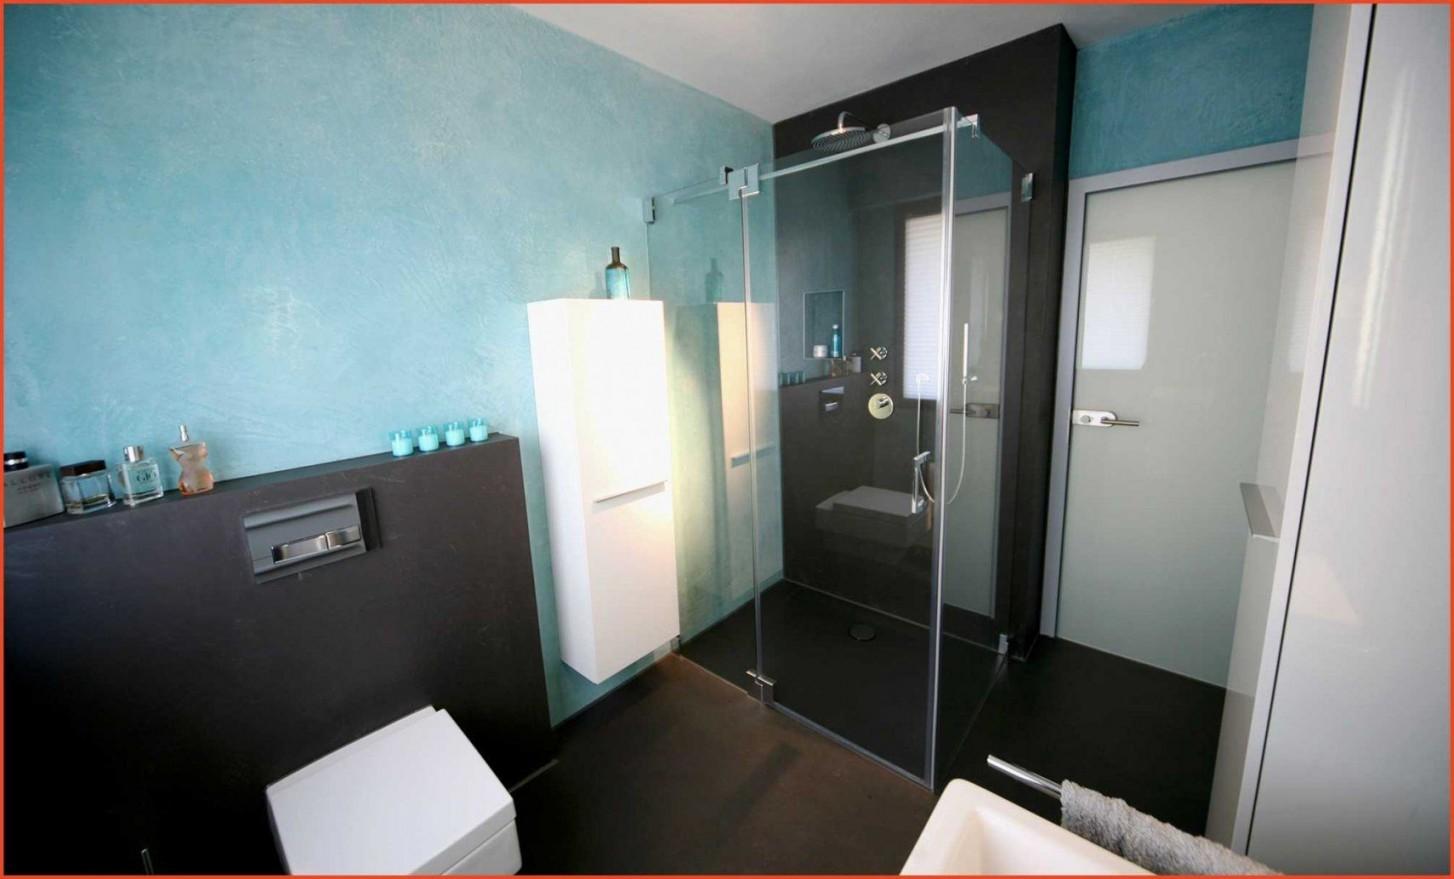 Badezimmerwande Gestalten Ohne Fliesen Awesome Bad Ohne von Badezimmer Ideen Ohne Fliesen Photo